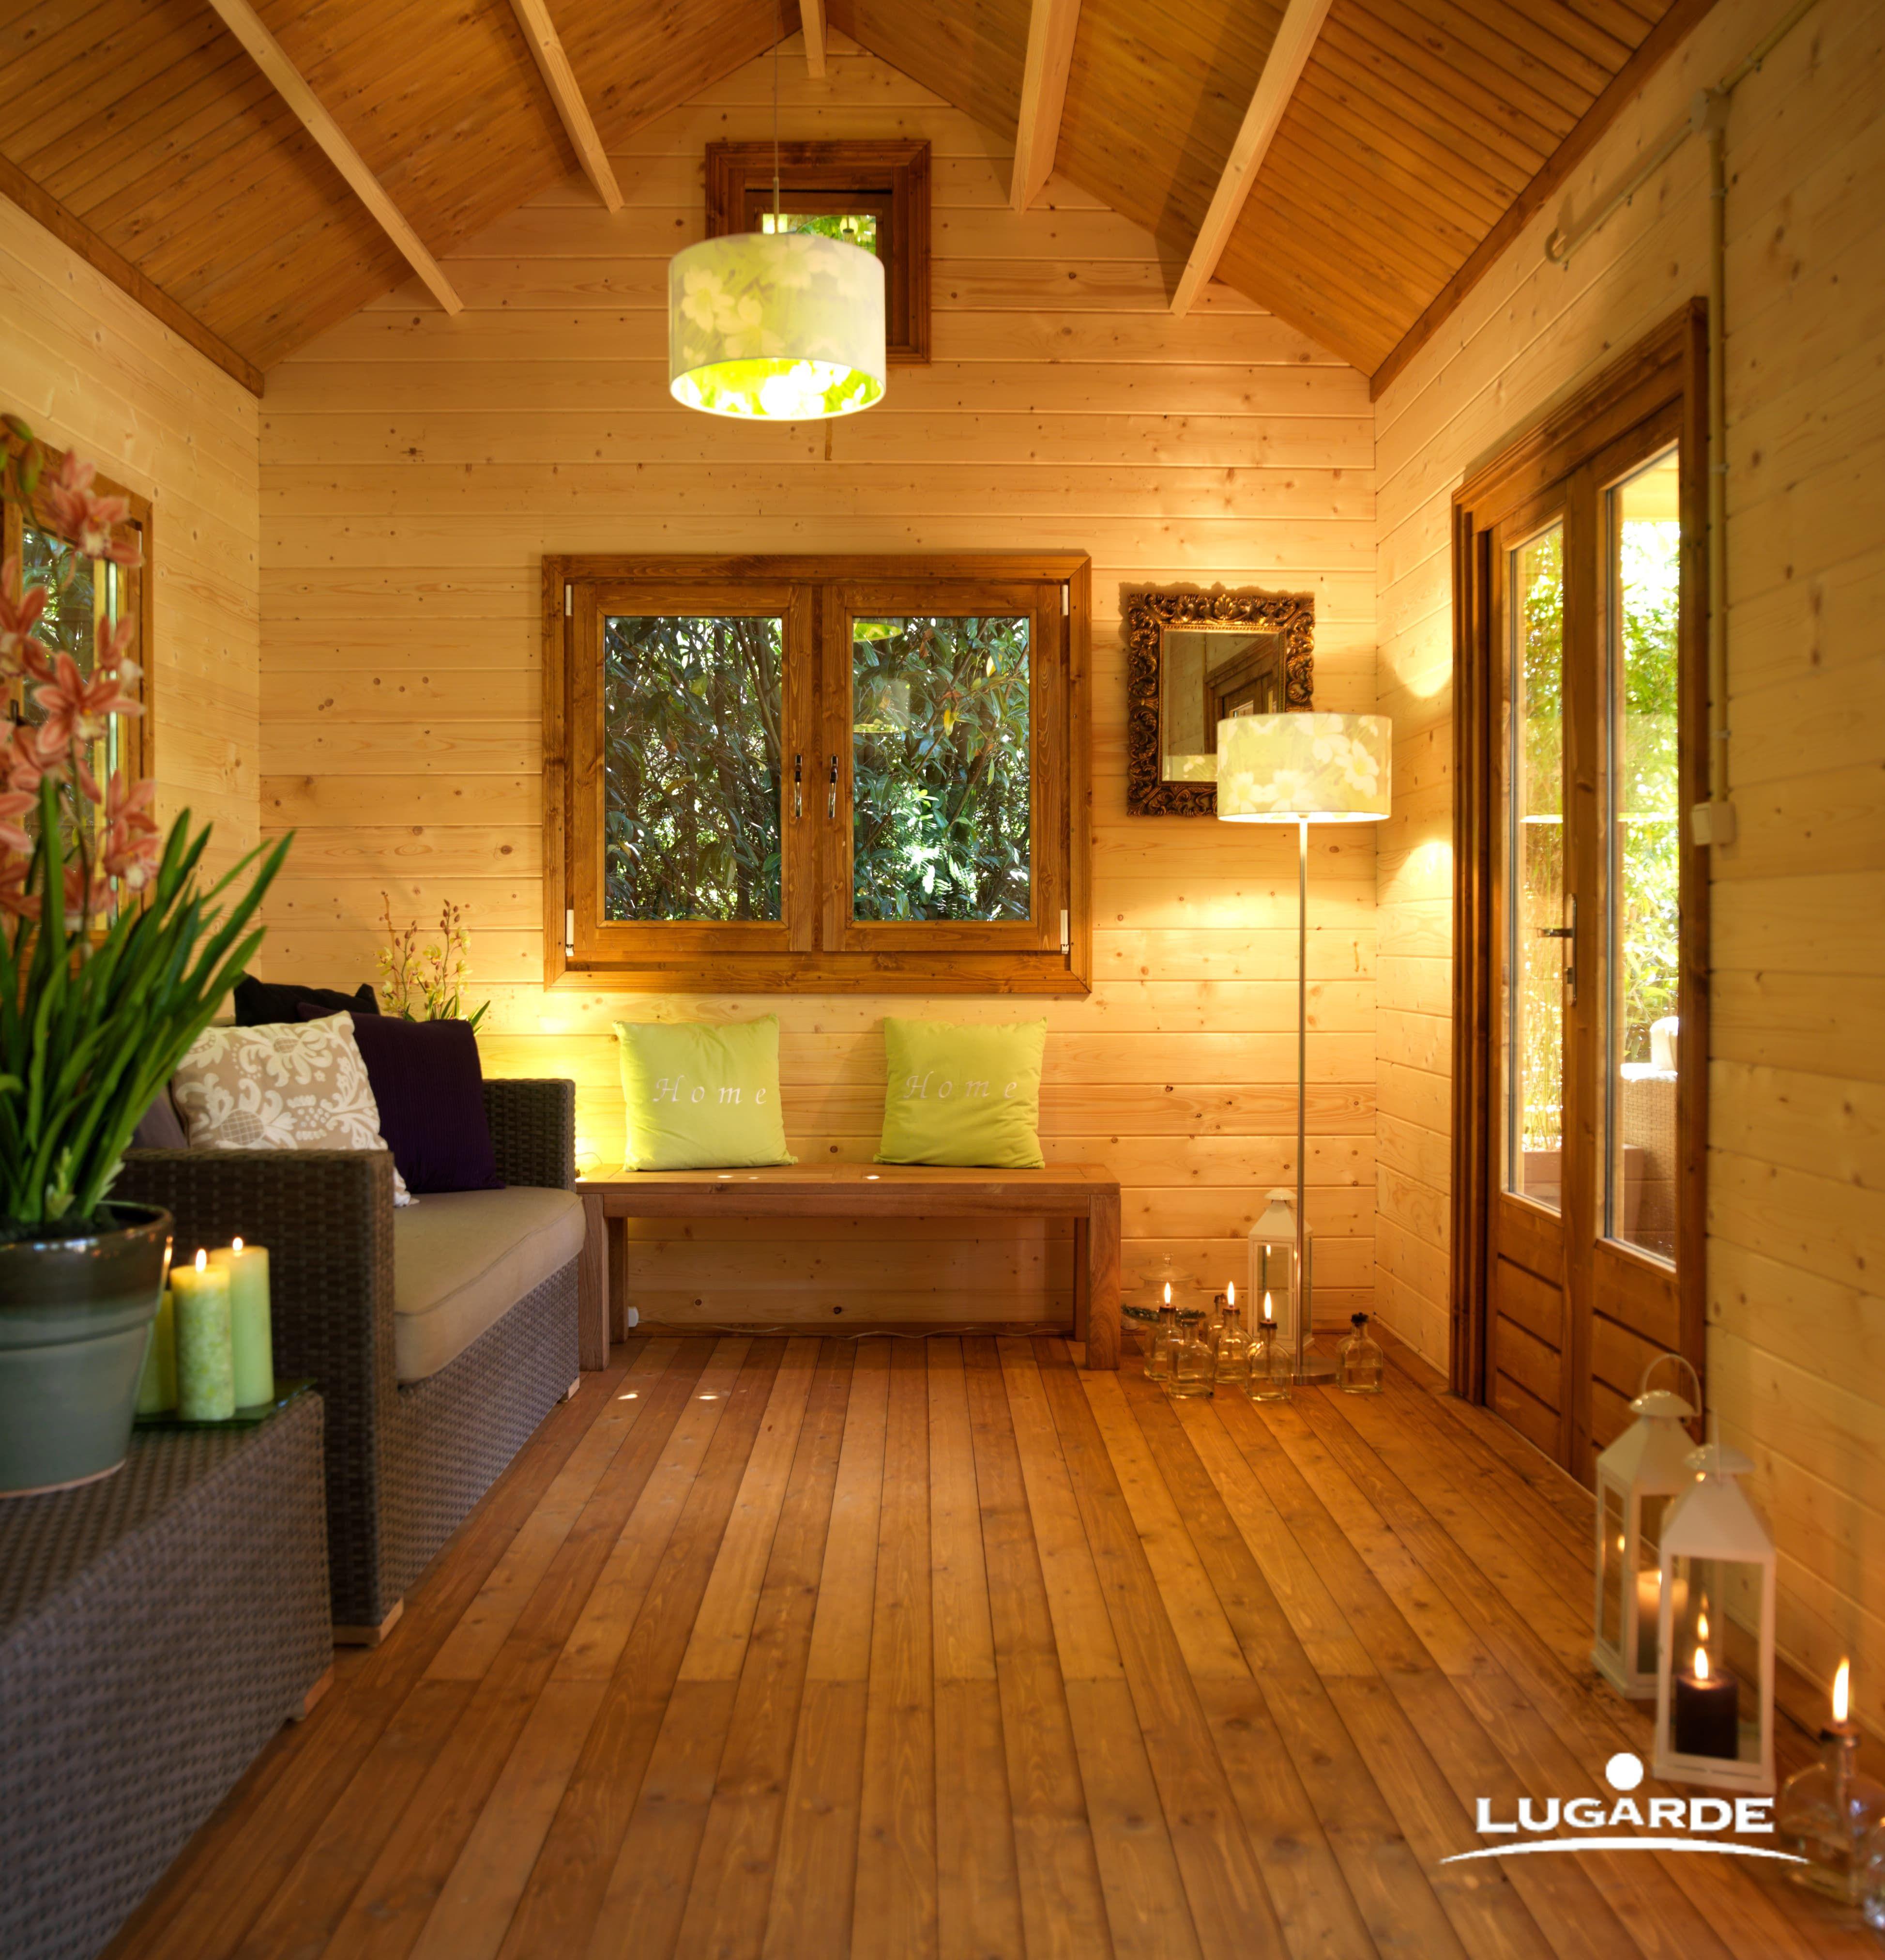 die nat rliche farbe des holzes und gr ne akzente die sich innen und beim blick in den garten. Black Bedroom Furniture Sets. Home Design Ideas